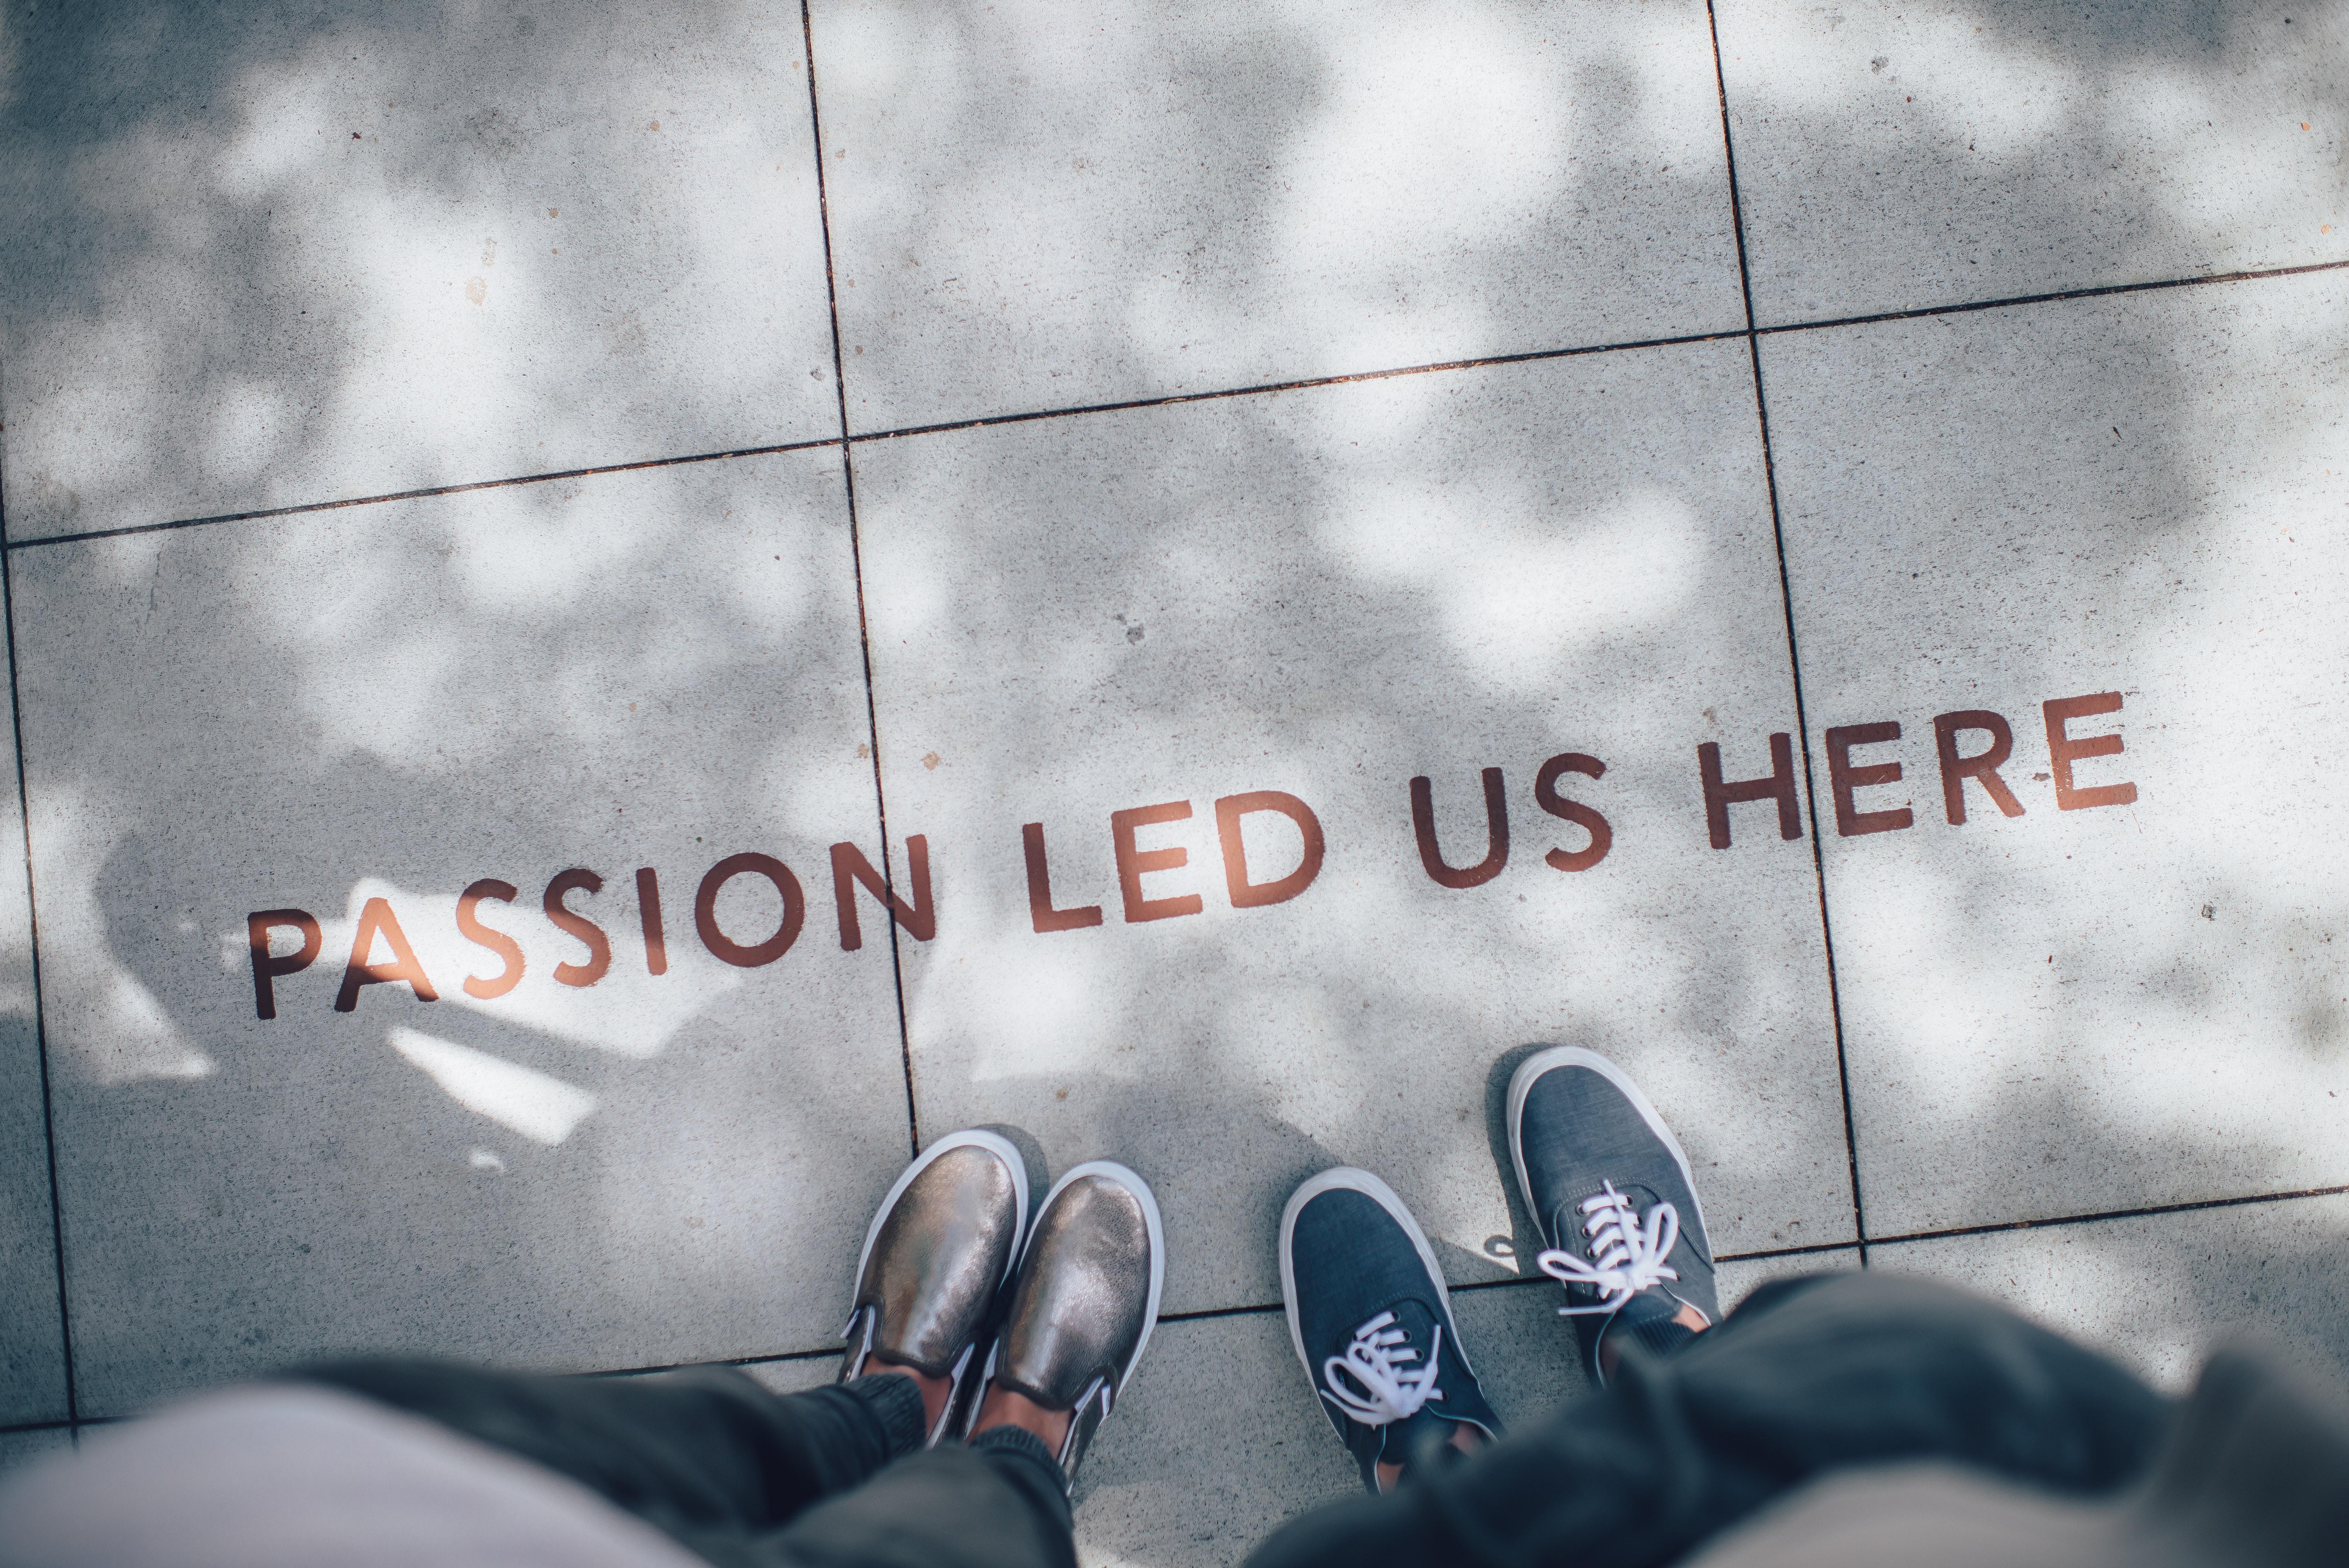 Dos parells de peus parats davant de la frase Passion led us here